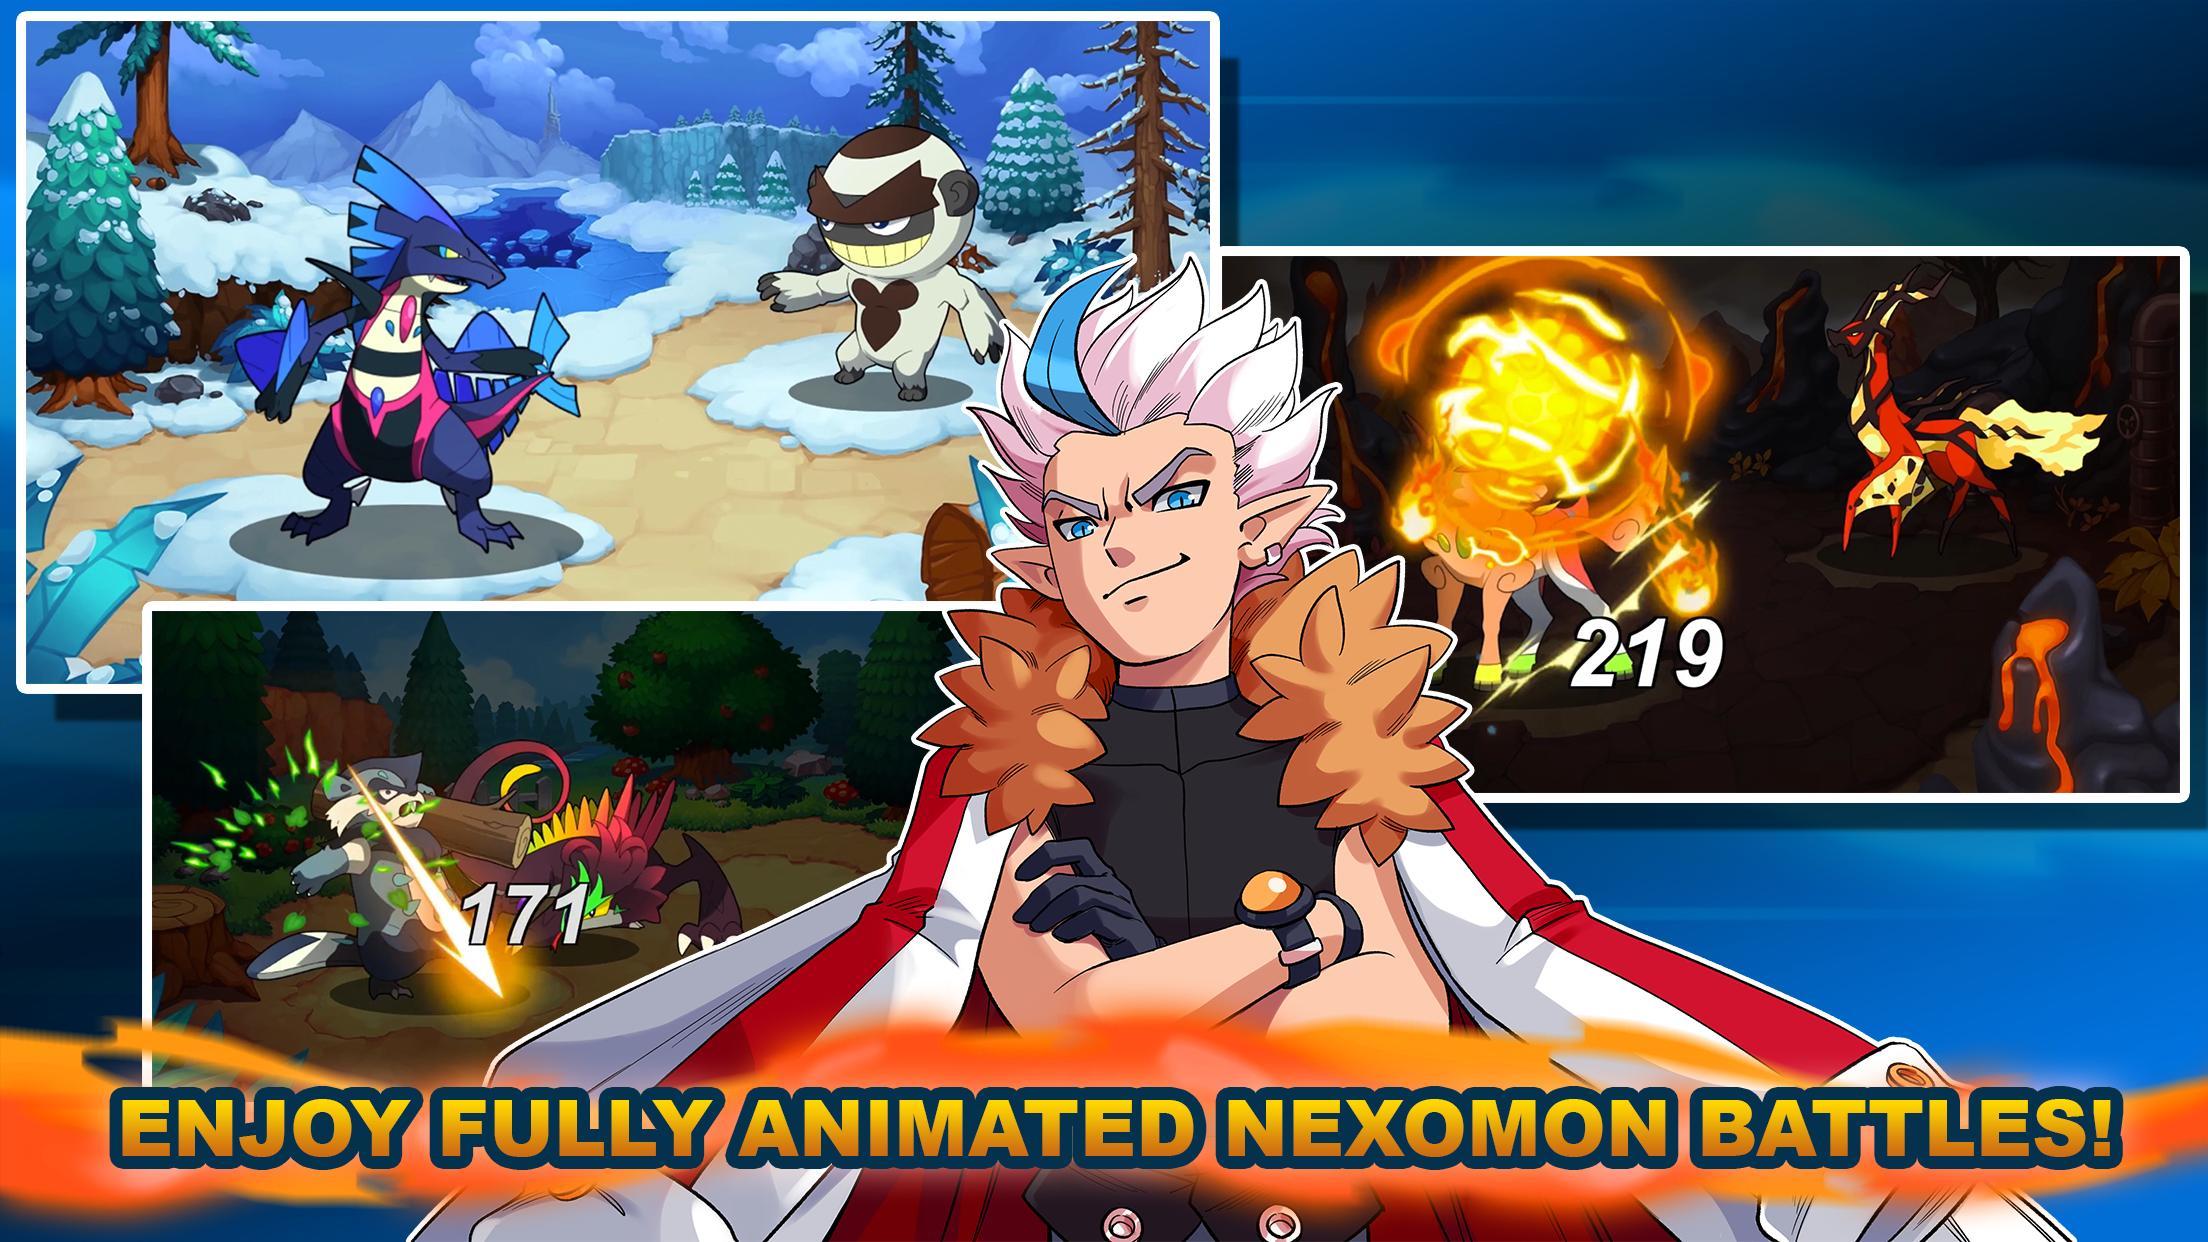 تحميل العبة الجميلة Nexomon APK اصدار 2021 كاملة 1